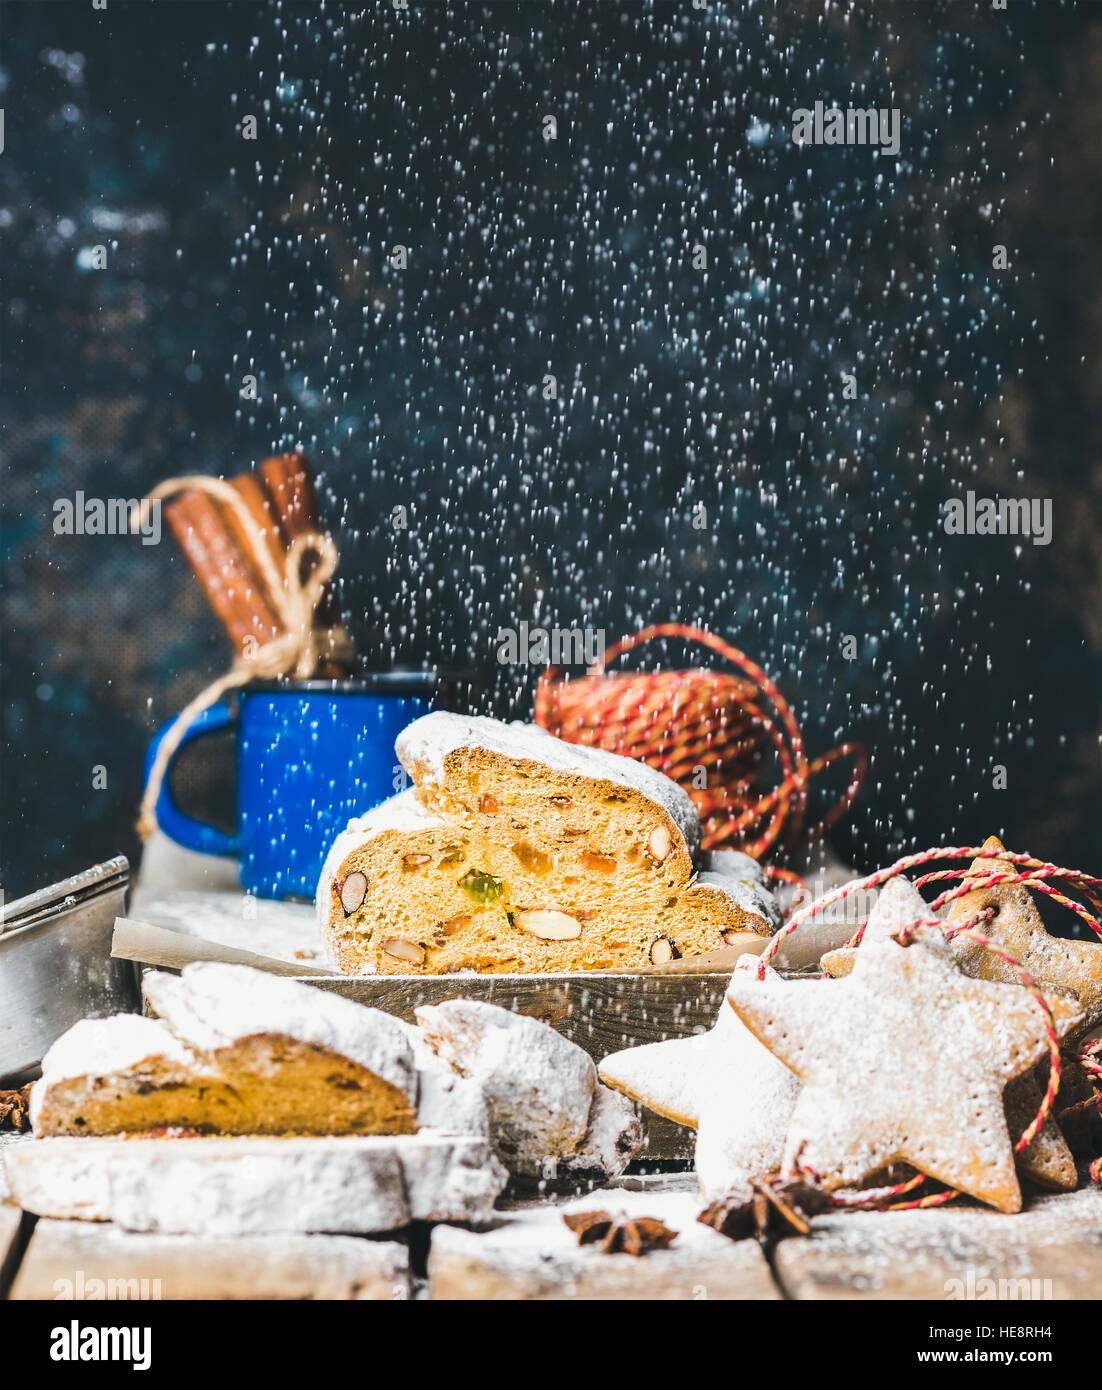 Traditionelle deutsche Weihnachten Kuchen Stollen mit festlichen sternförmige Lebkuchen Stockfoto